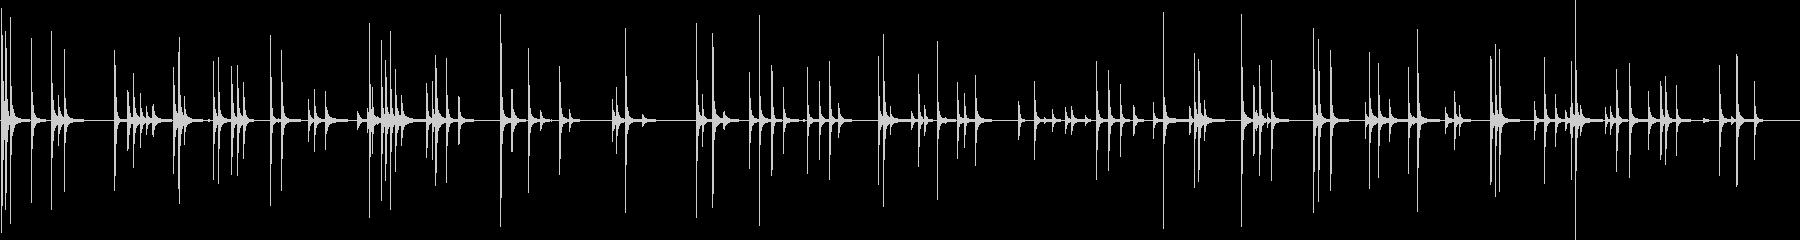 ヘビーメタルカウベル:ランダムラト...の未再生の波形